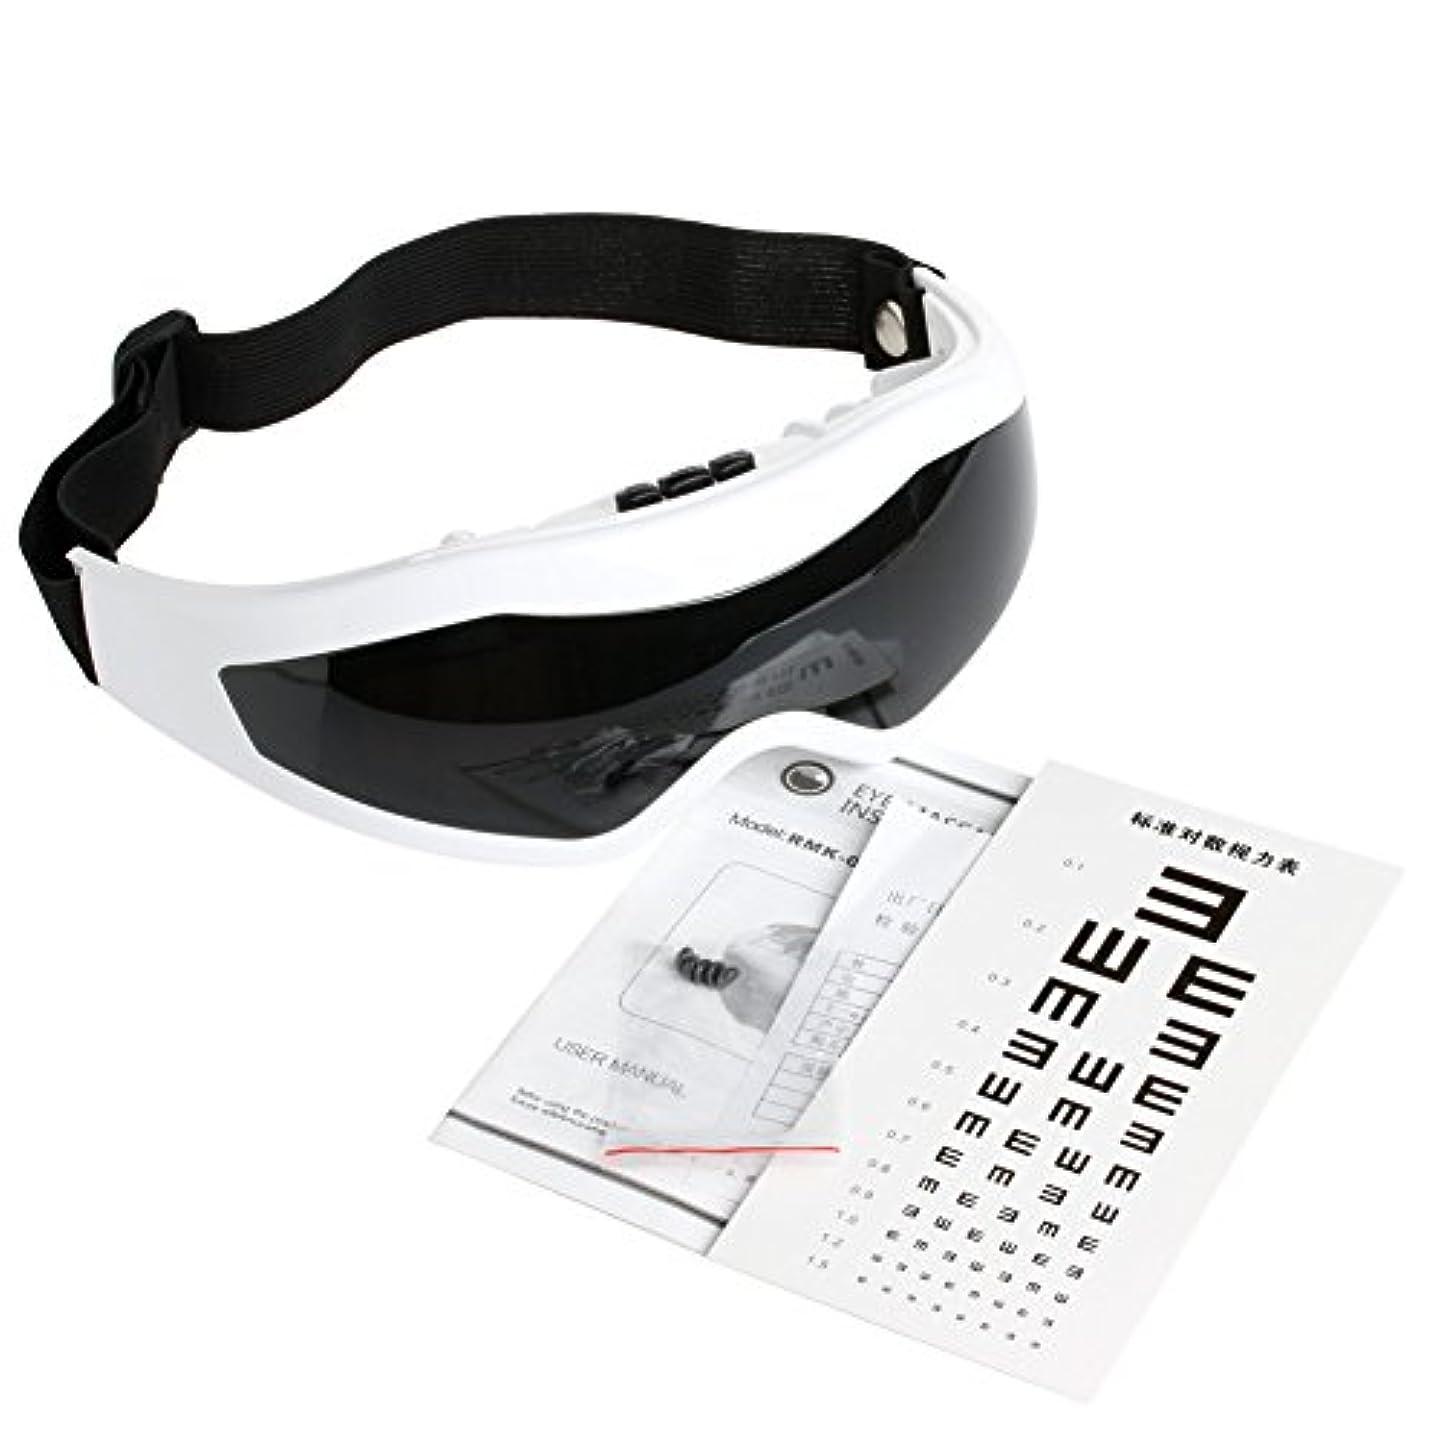 ビリー疫病活性化Manyao 視力回復 もう近視ではなく ビジョン5.0 メガネをはずす 老眼